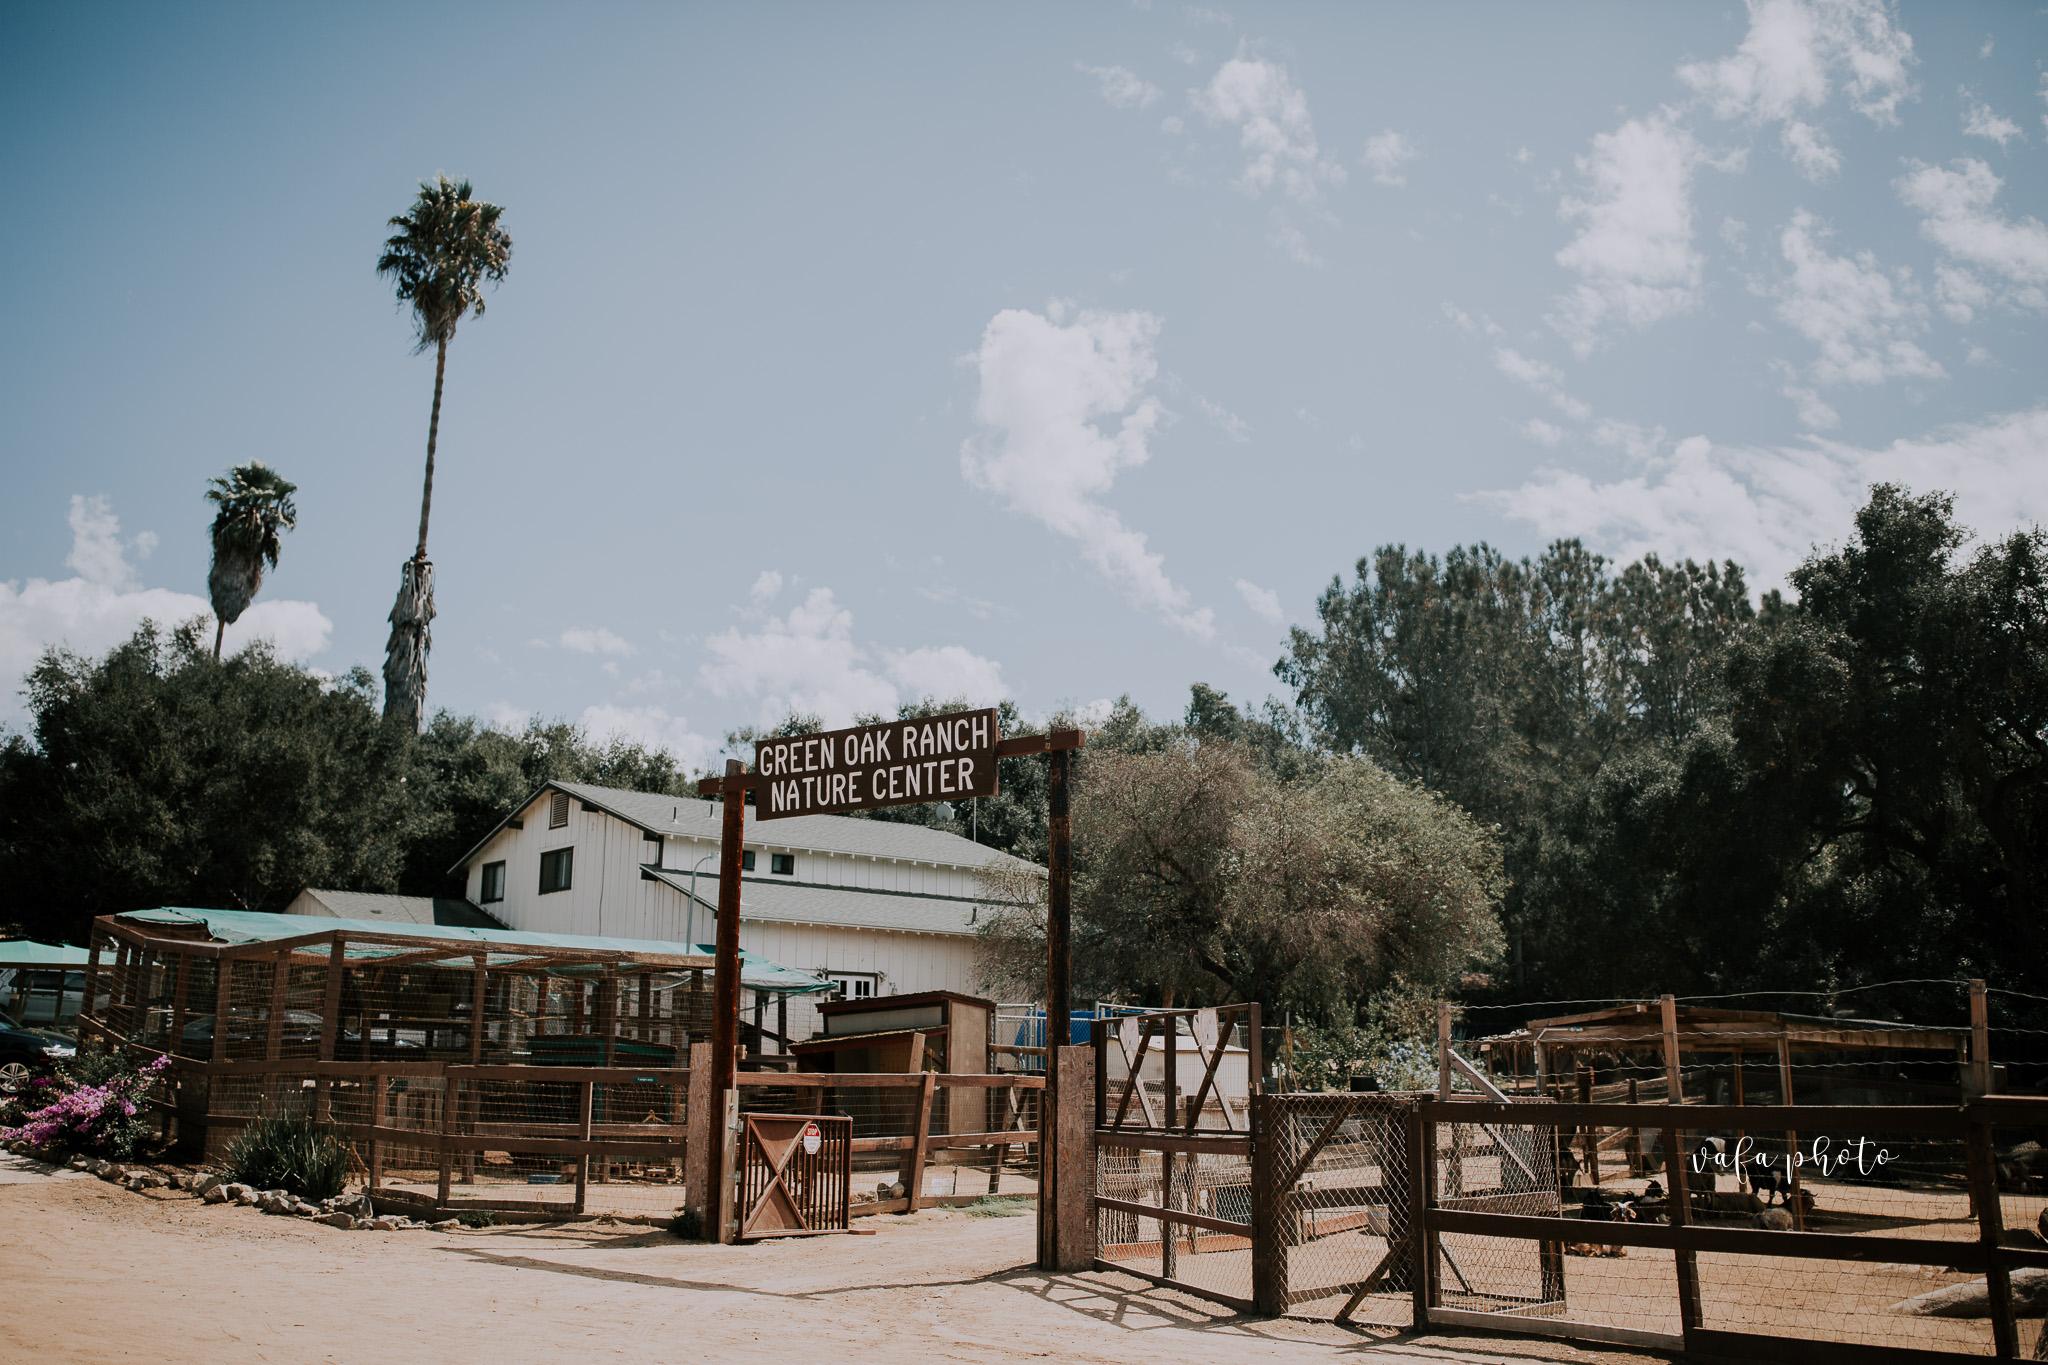 Southern-California-Wedding-Britt-Nilsson-Jeremy-Byrne-Vafa-Photo-2.jpg